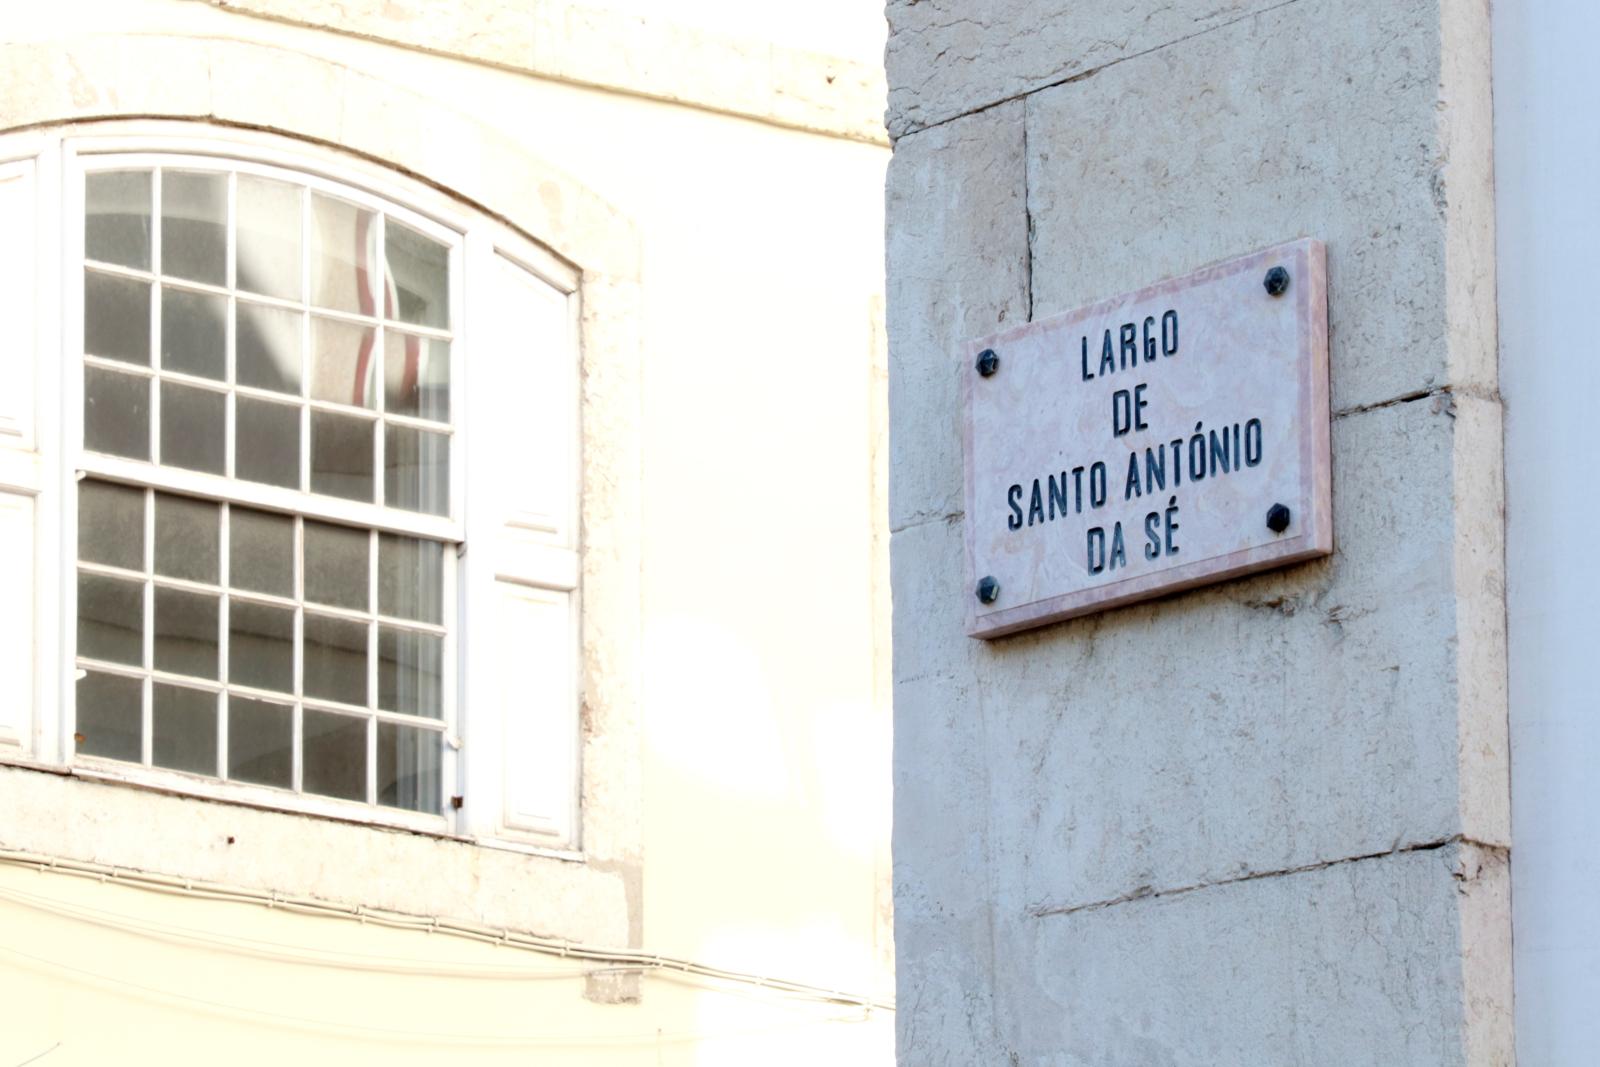 Placa alusiva ao Largo de Santo António da Sé